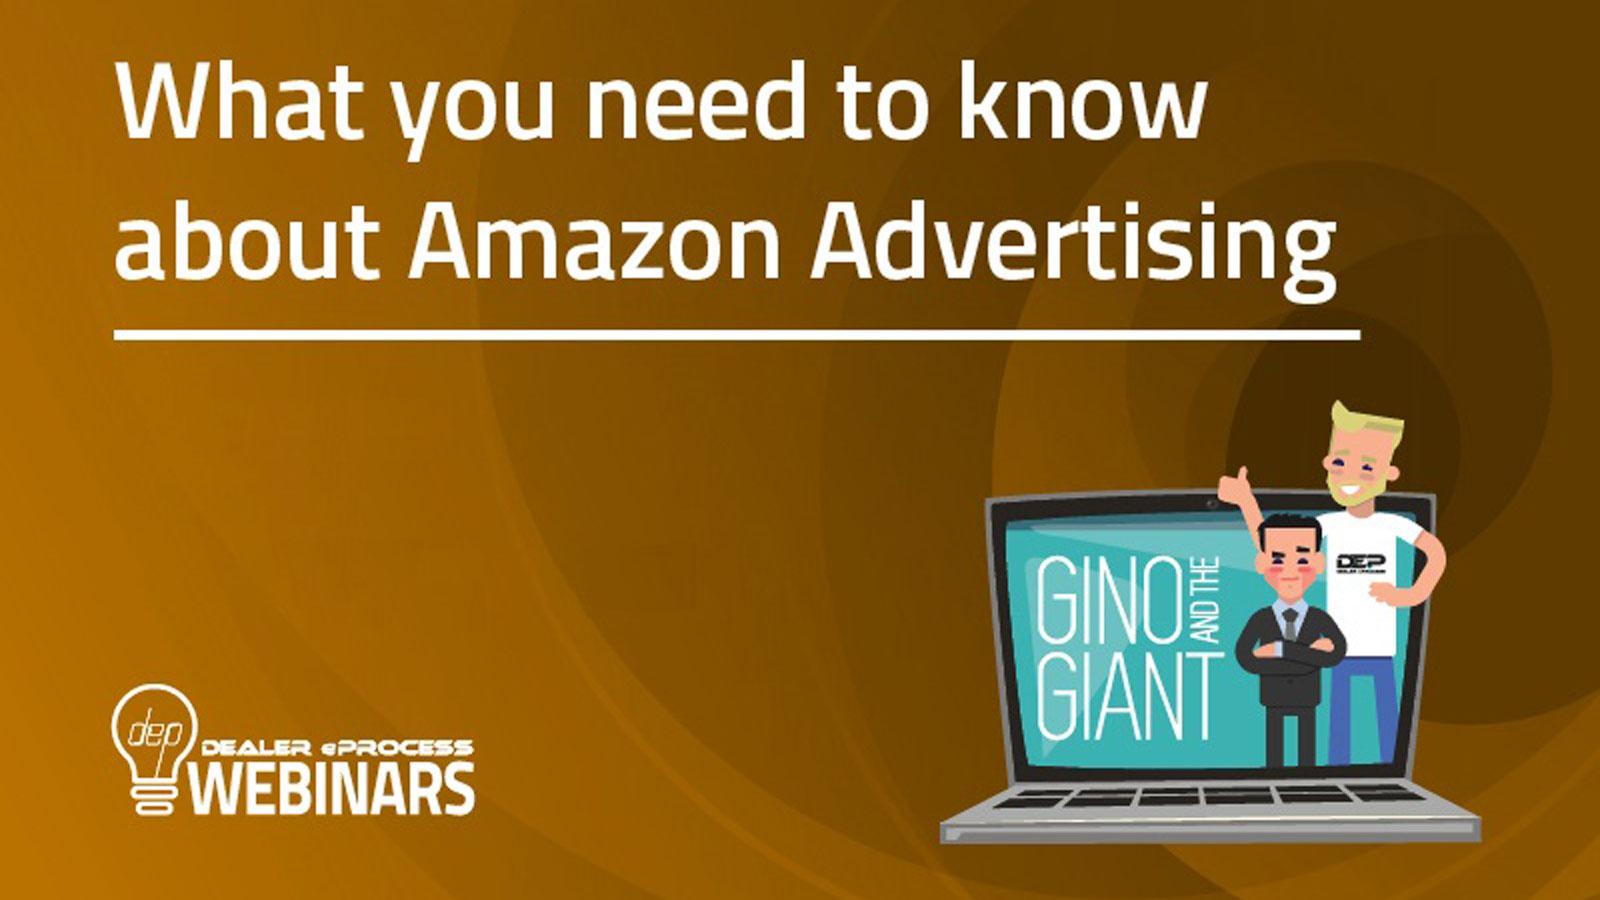 Amazon Advertising webinar image